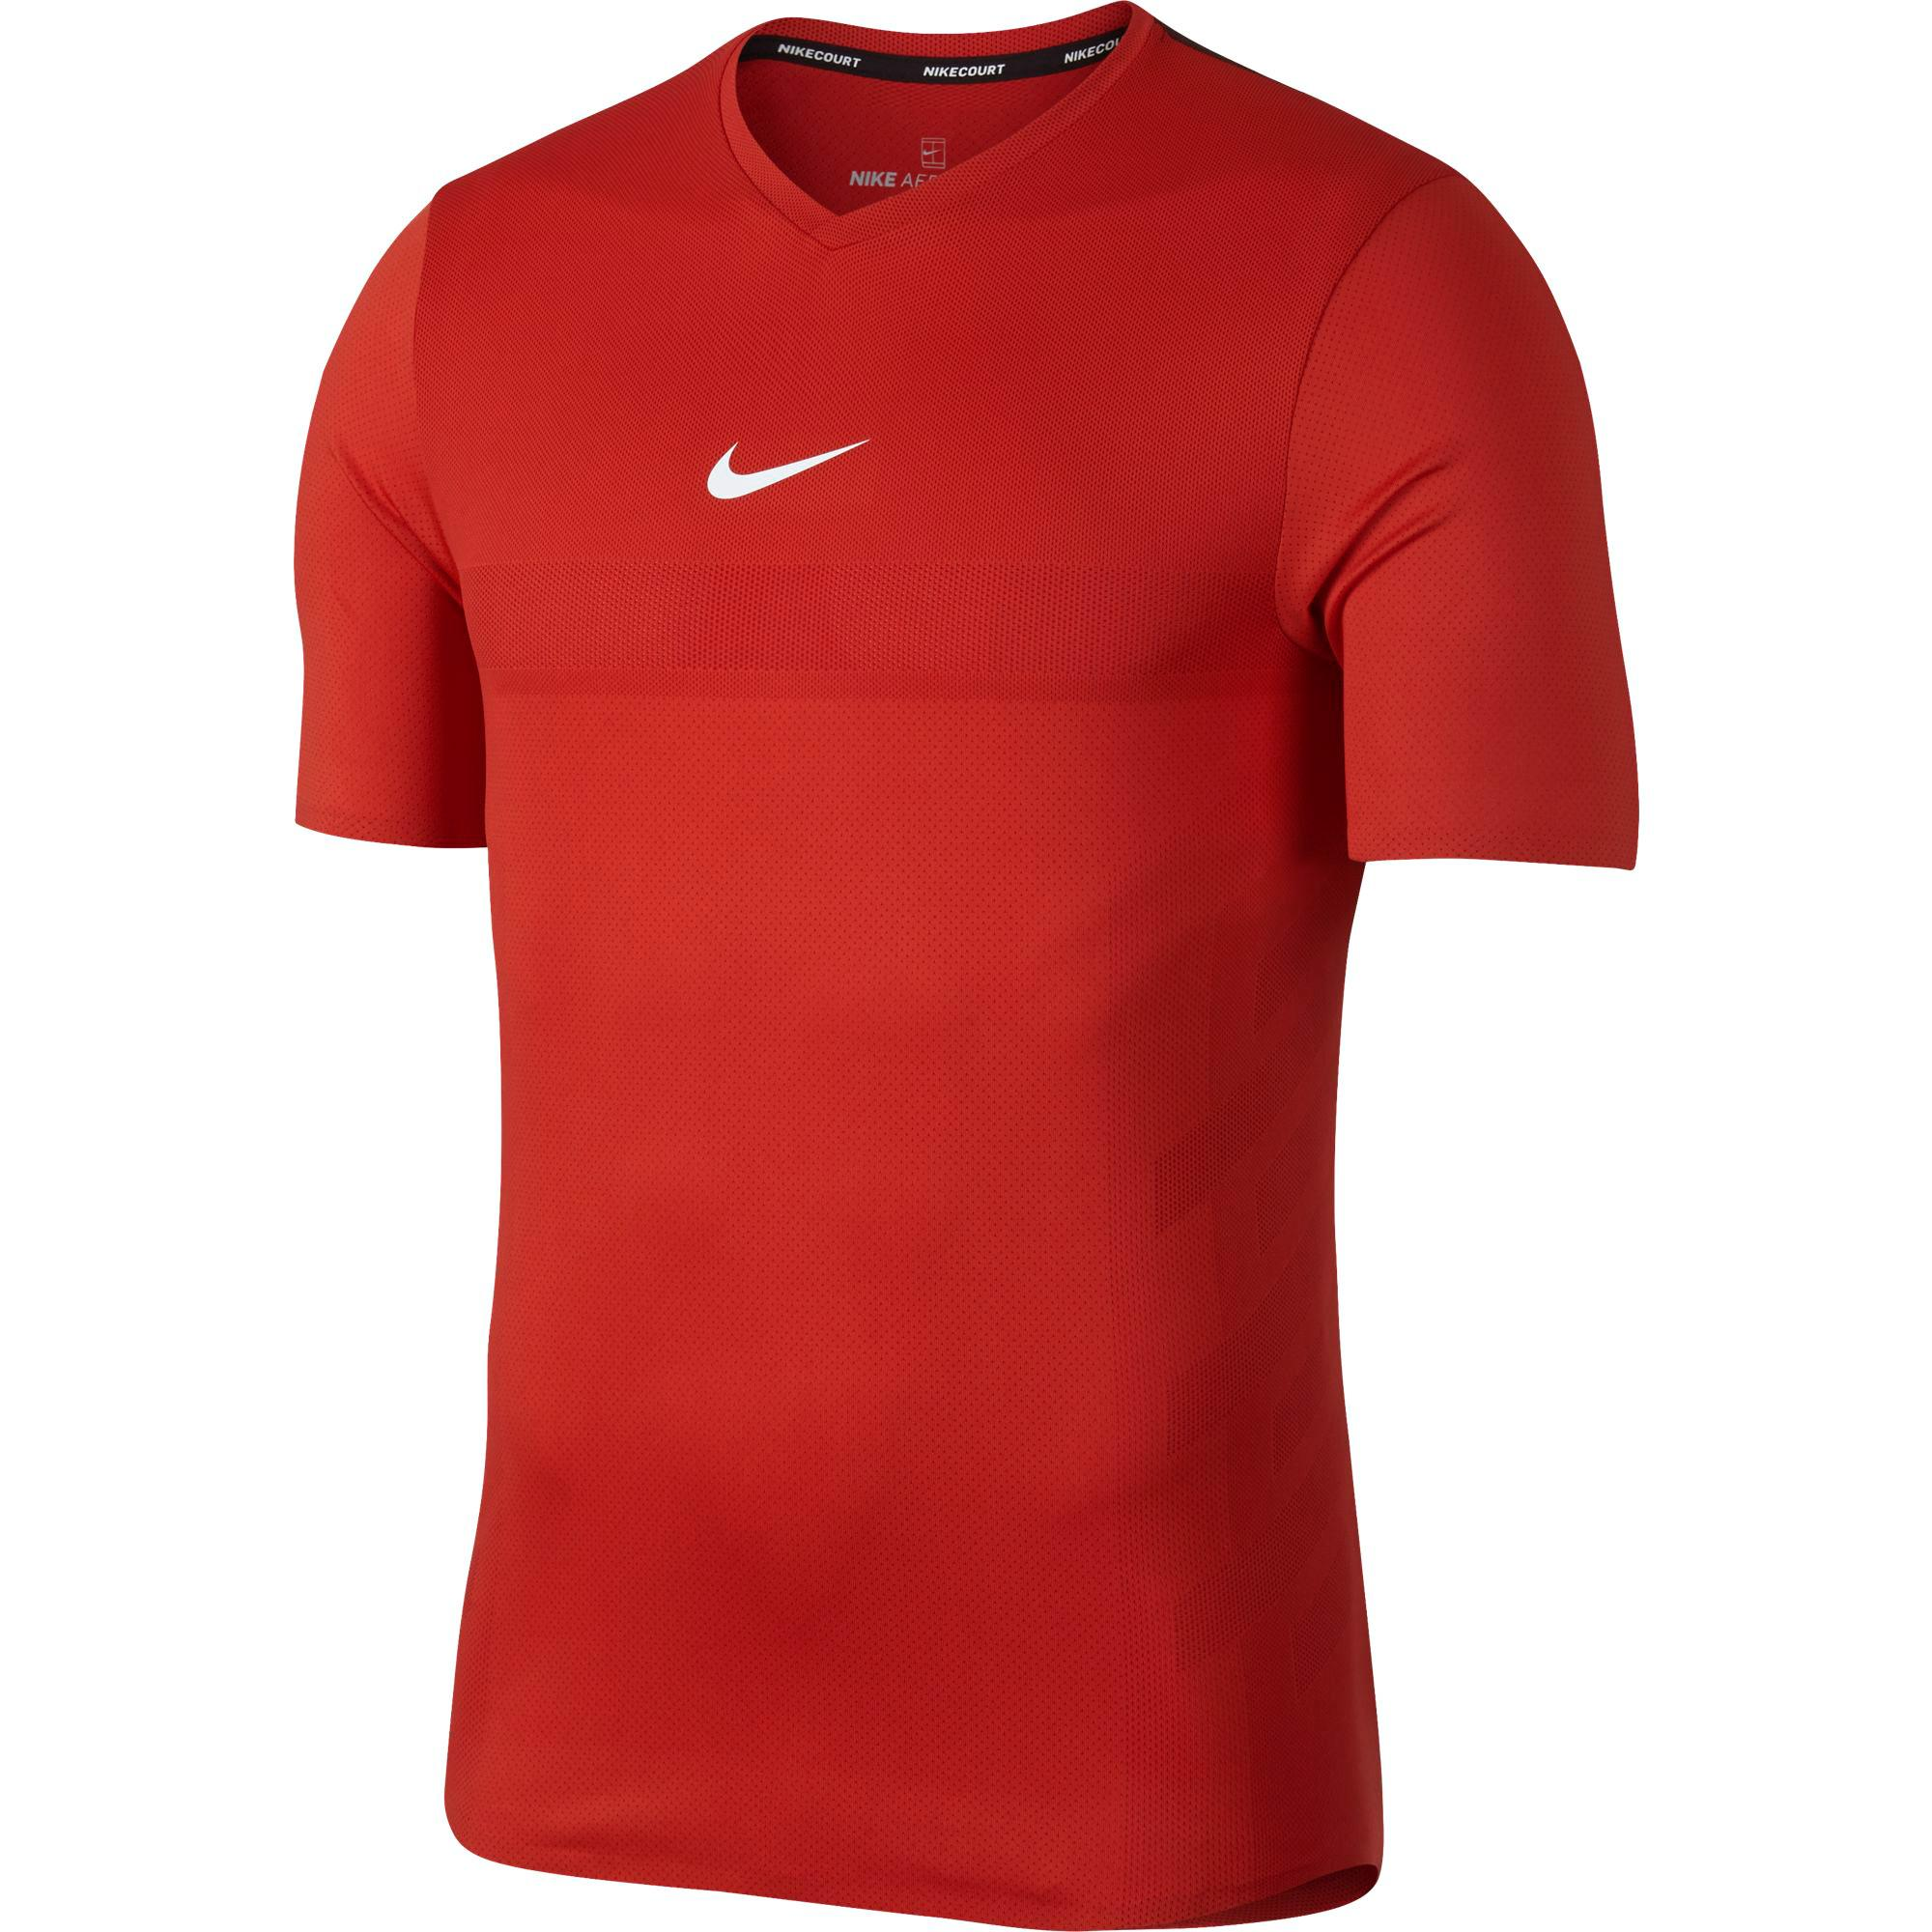 Nike Mens AeroReact Rafa Top - Habanero